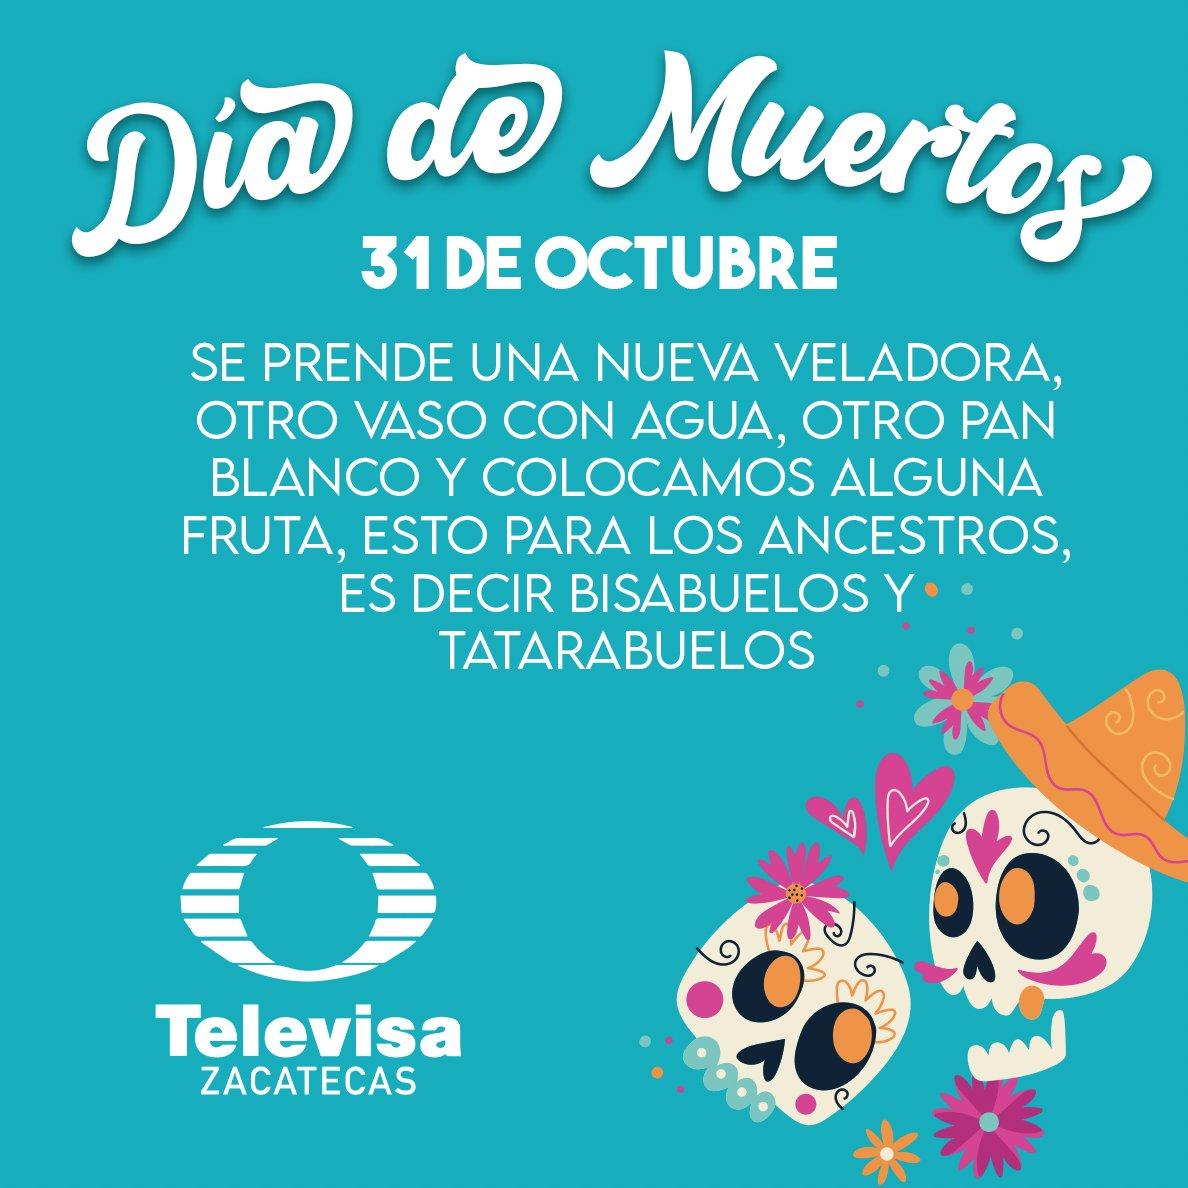 🕯31 de octubre y es tiempo de esperar a nuestros seres queridos del más allá, esta vez a nuestros bisabuelos y tatarabuelos  🕯💀 #TelevisaZacatecas #DíaDeMuertos #Tradición https://t.co/yeLLTMvQpw